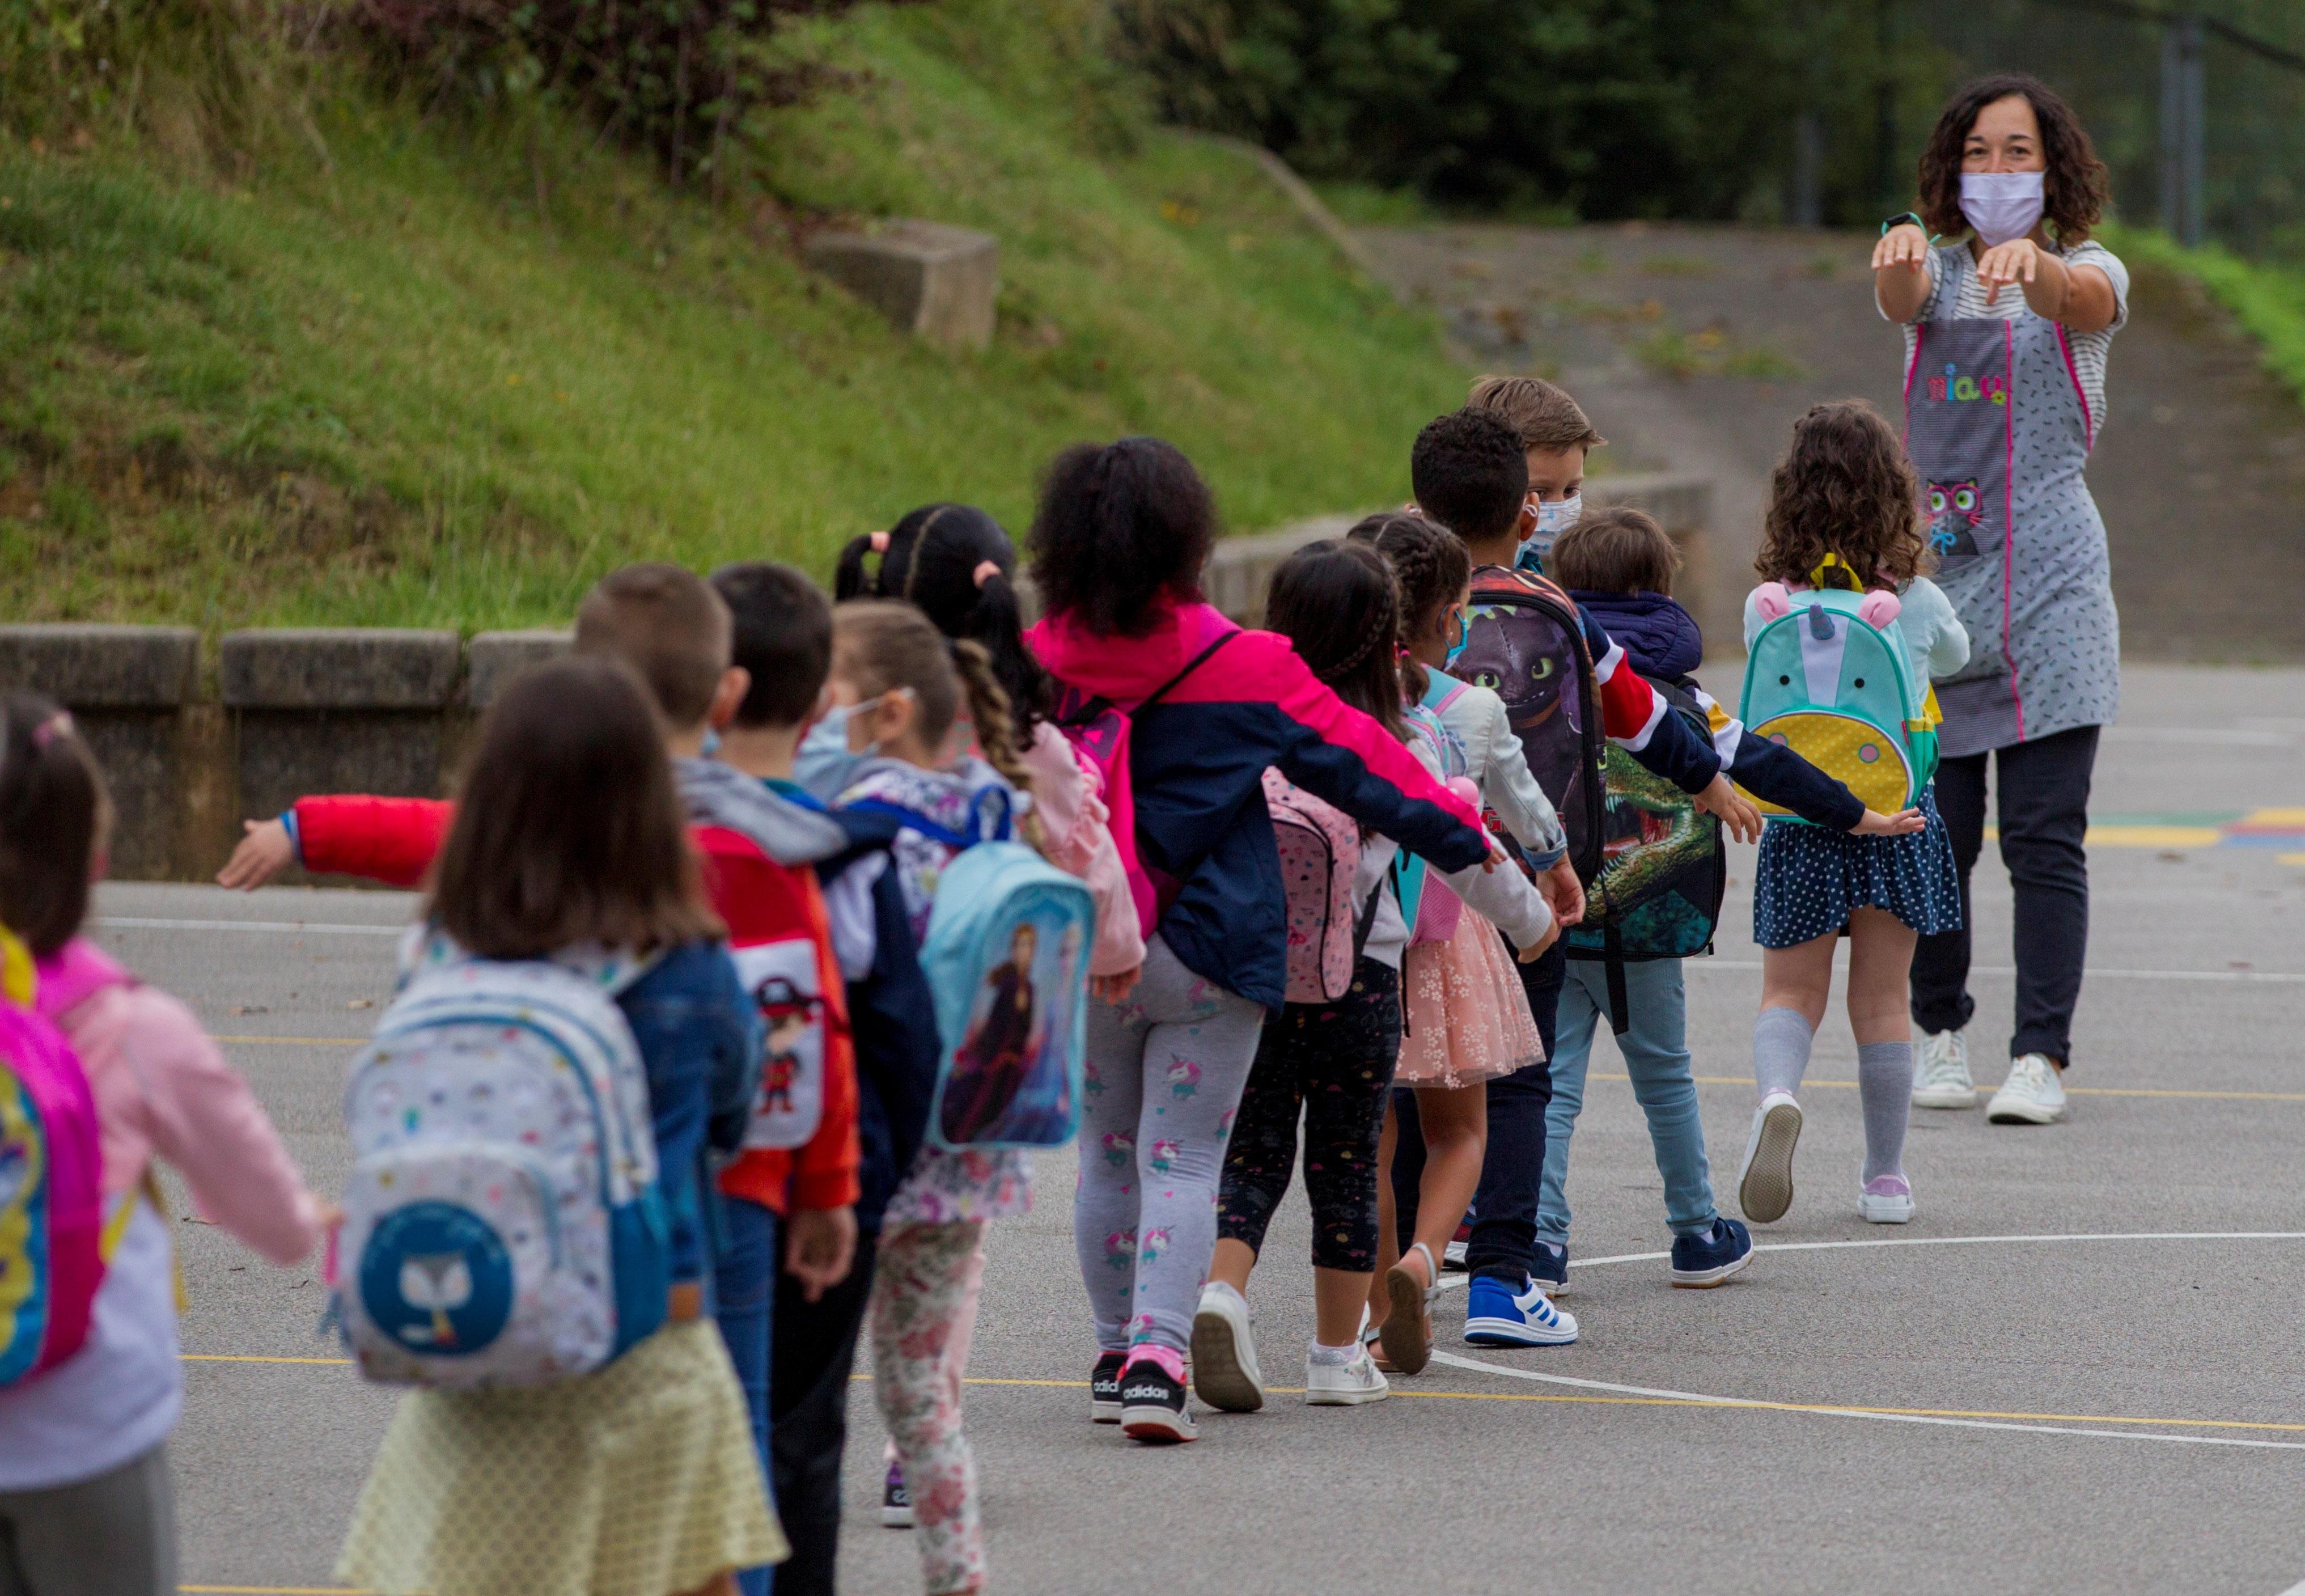 Llegada de los primeros alumnos tras la Covid. EFE/ Alberto Morante/Archivo